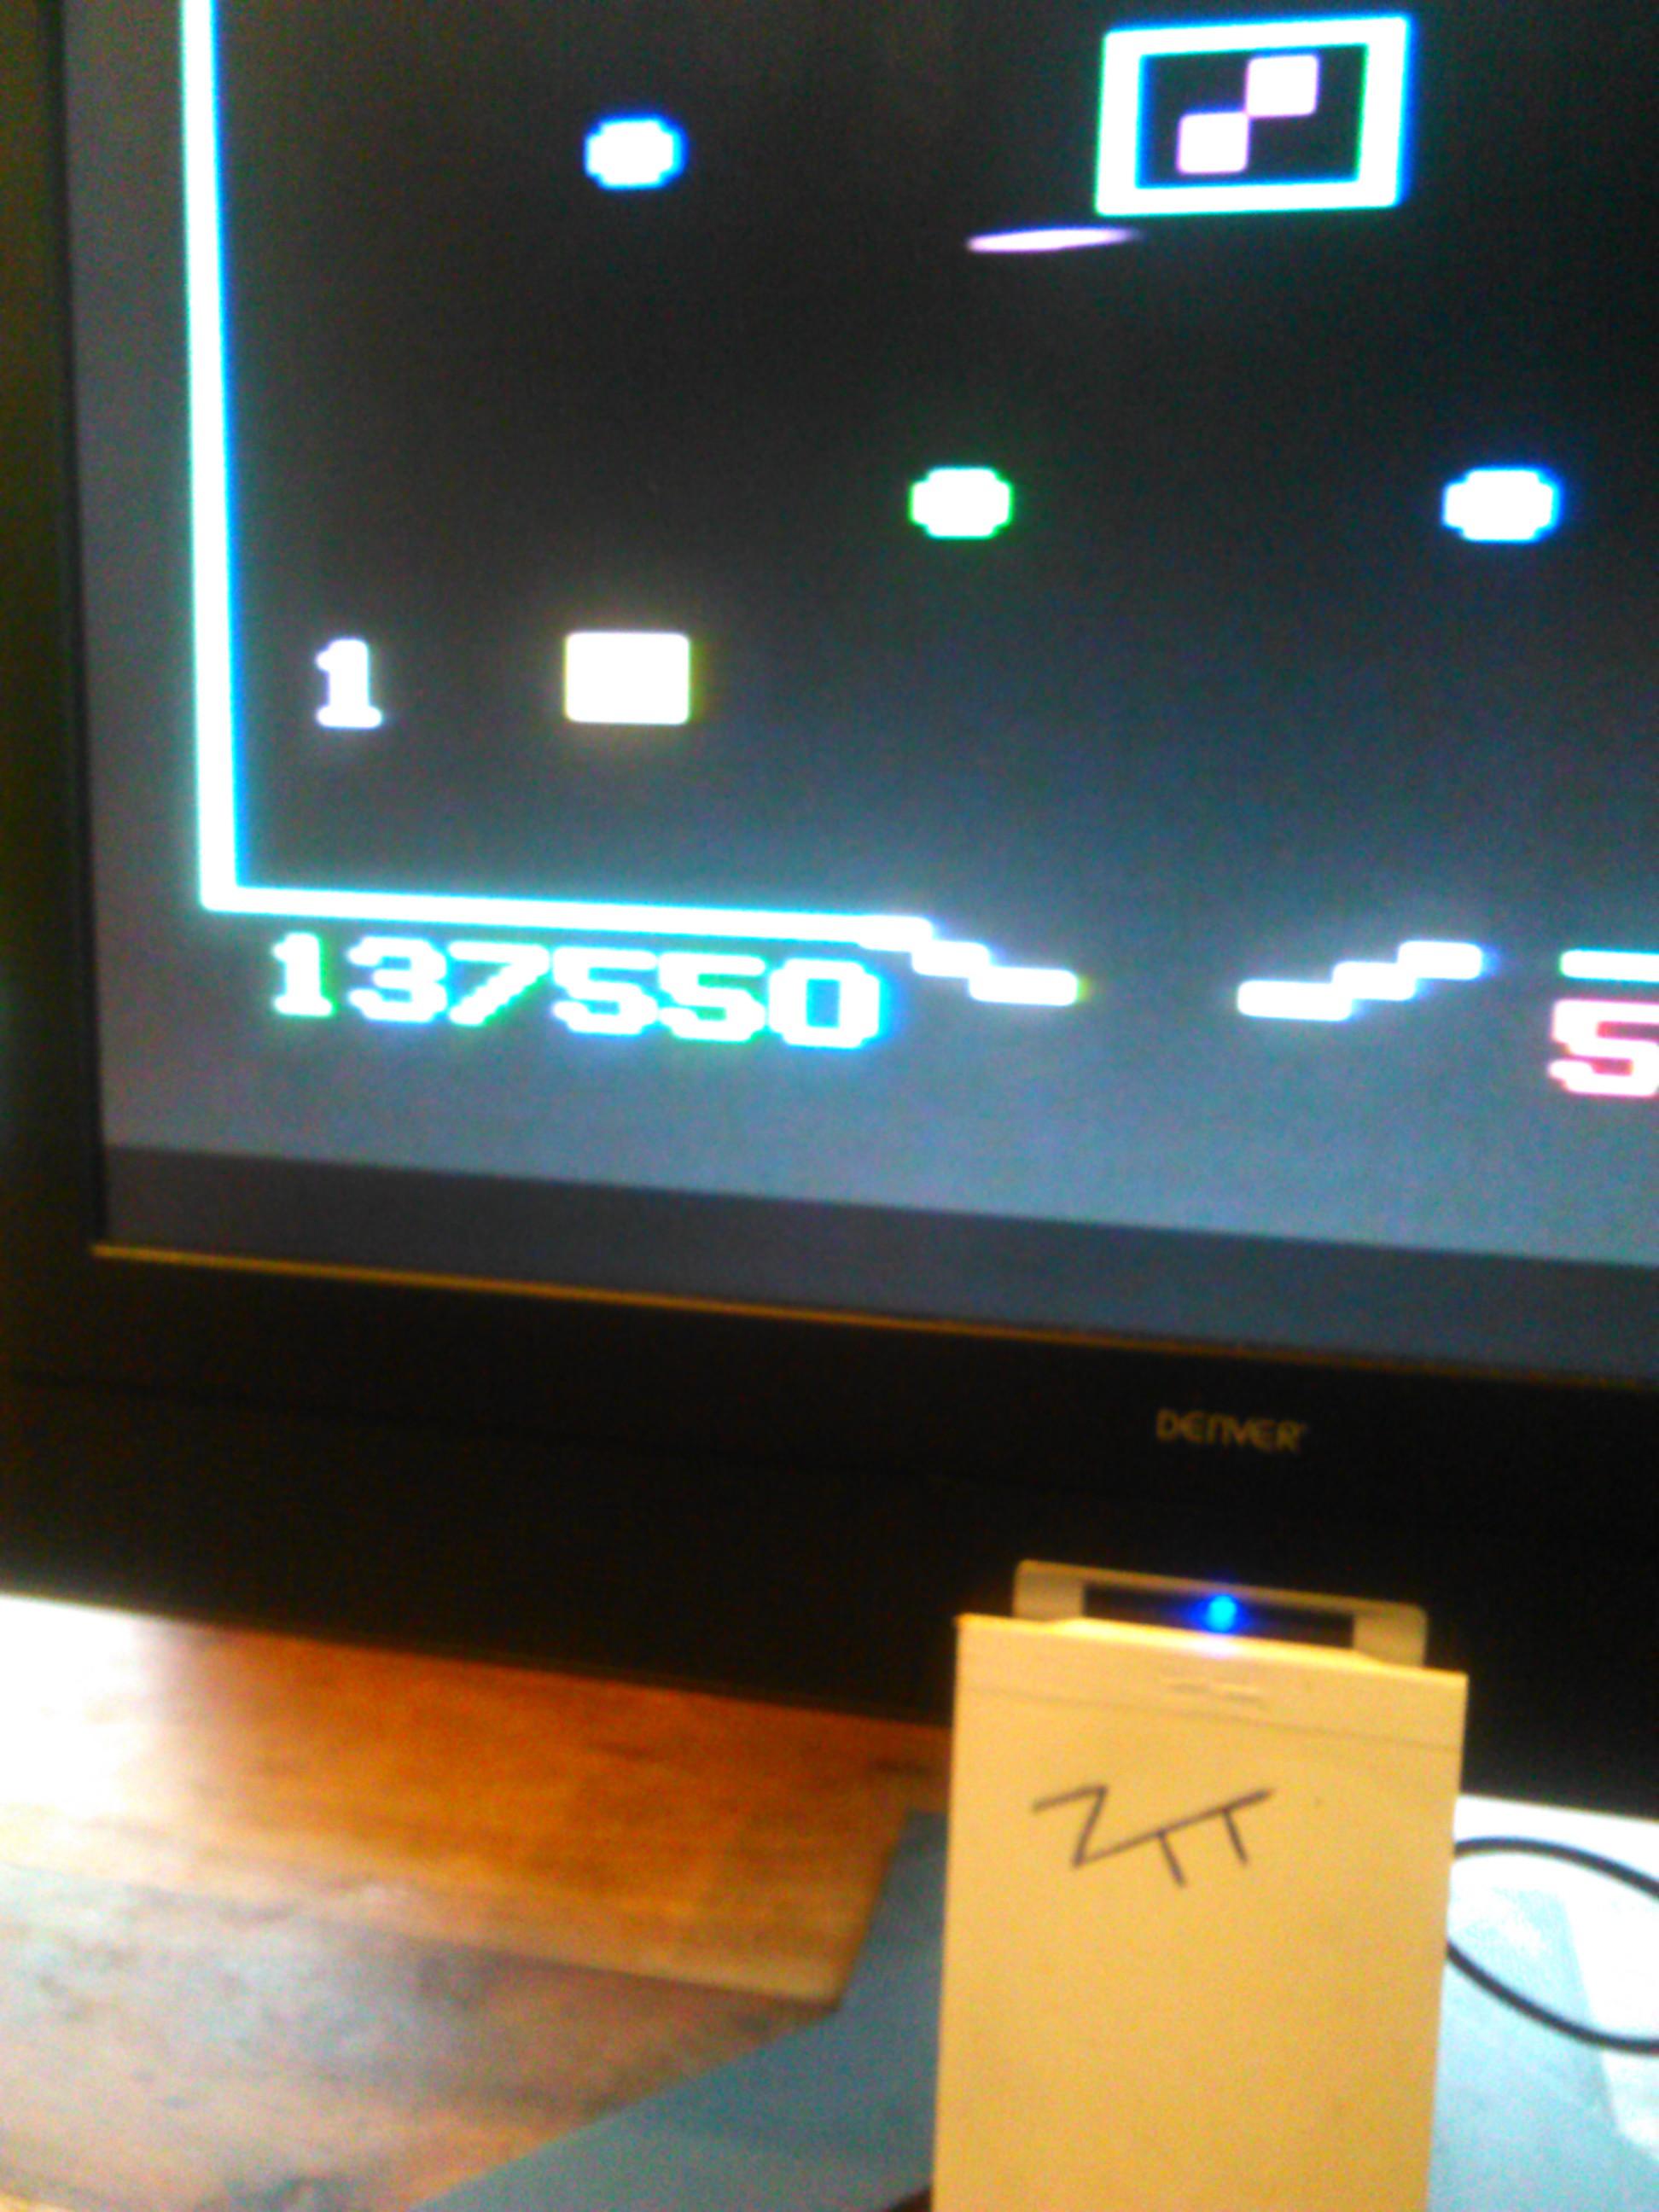 Thunderball / Flipper Game 137,550 points